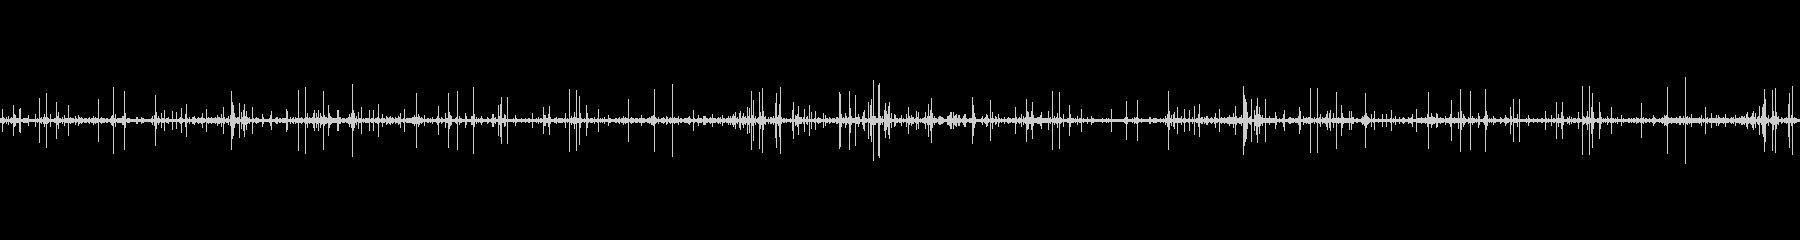 レコードノイズ Lofi ヴァイナル01の未再生の波形